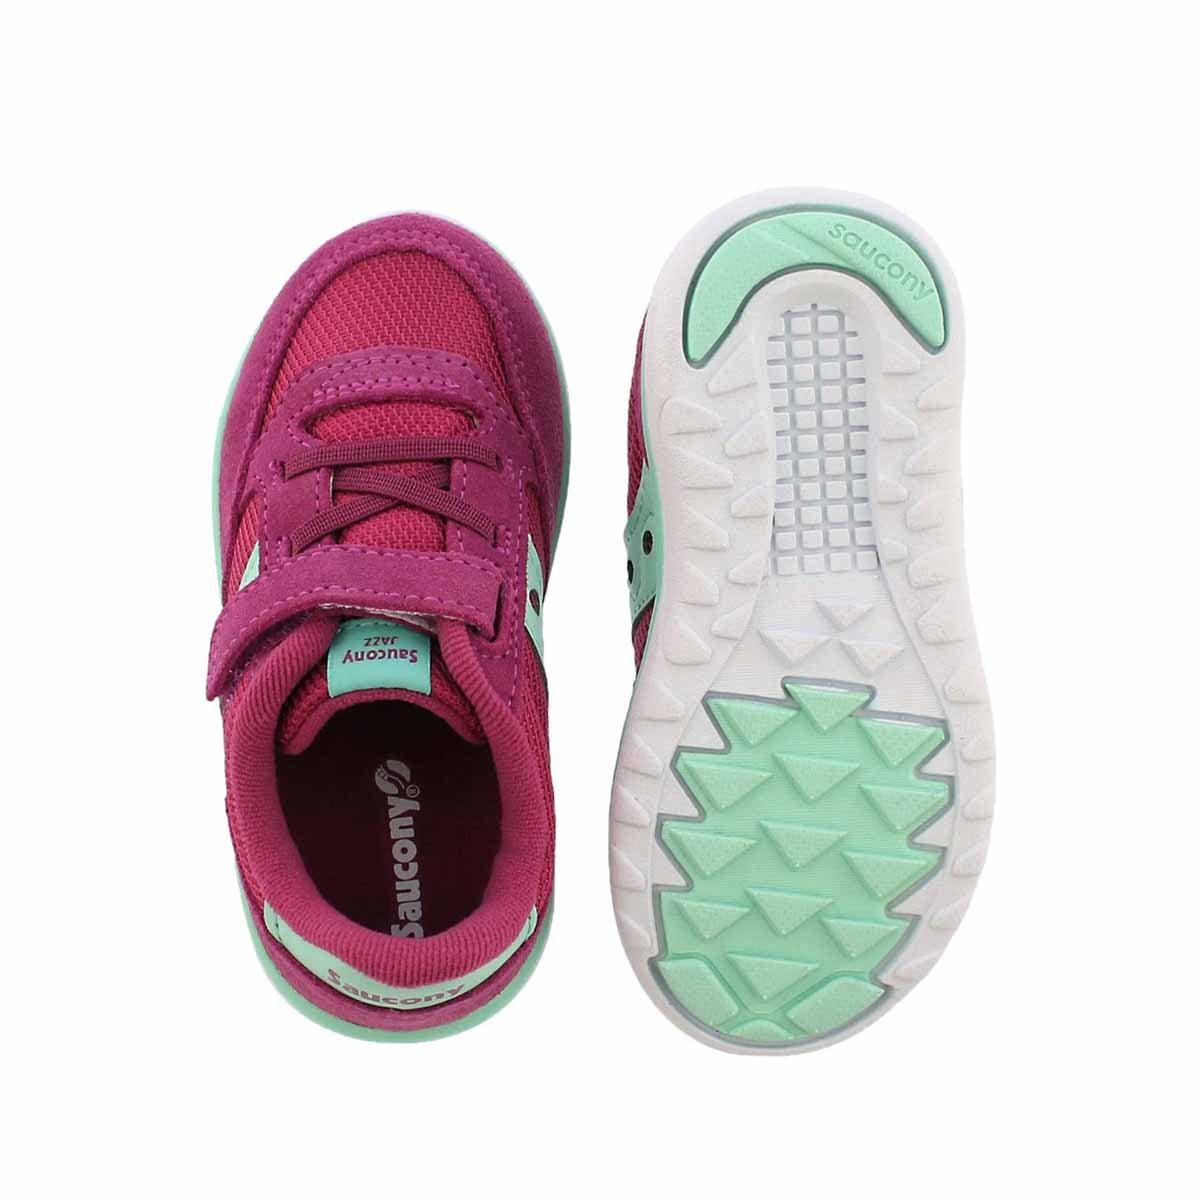 Infs-g Jazz Lite pnk/turq sneaker- wide